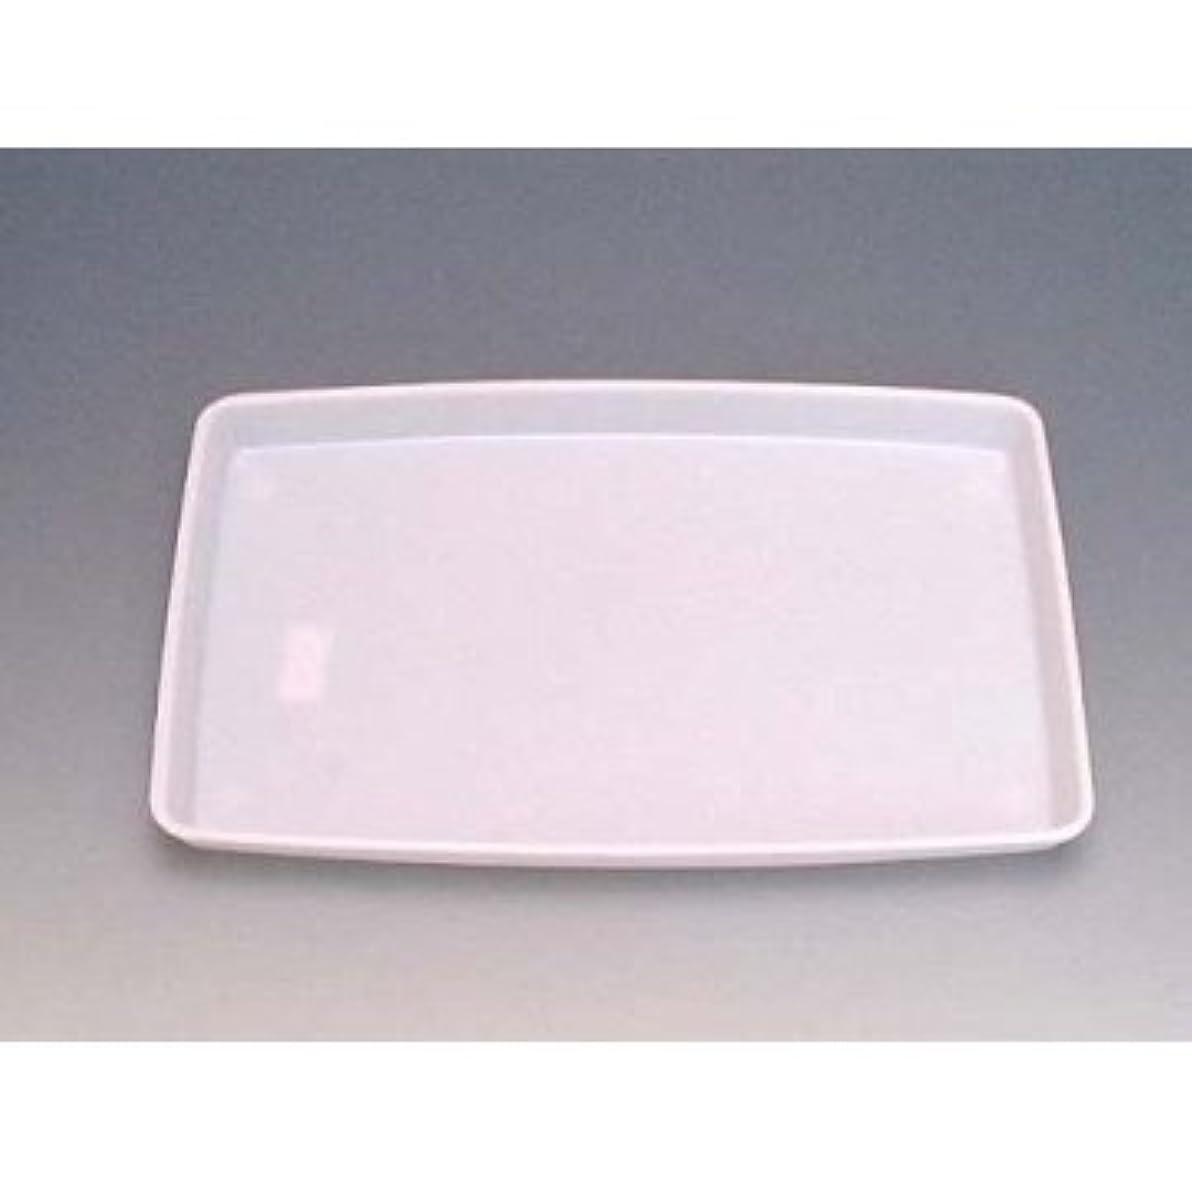 メインうるさいパキスタン人米正 エバーメイト われない台皿 カラーホワイト